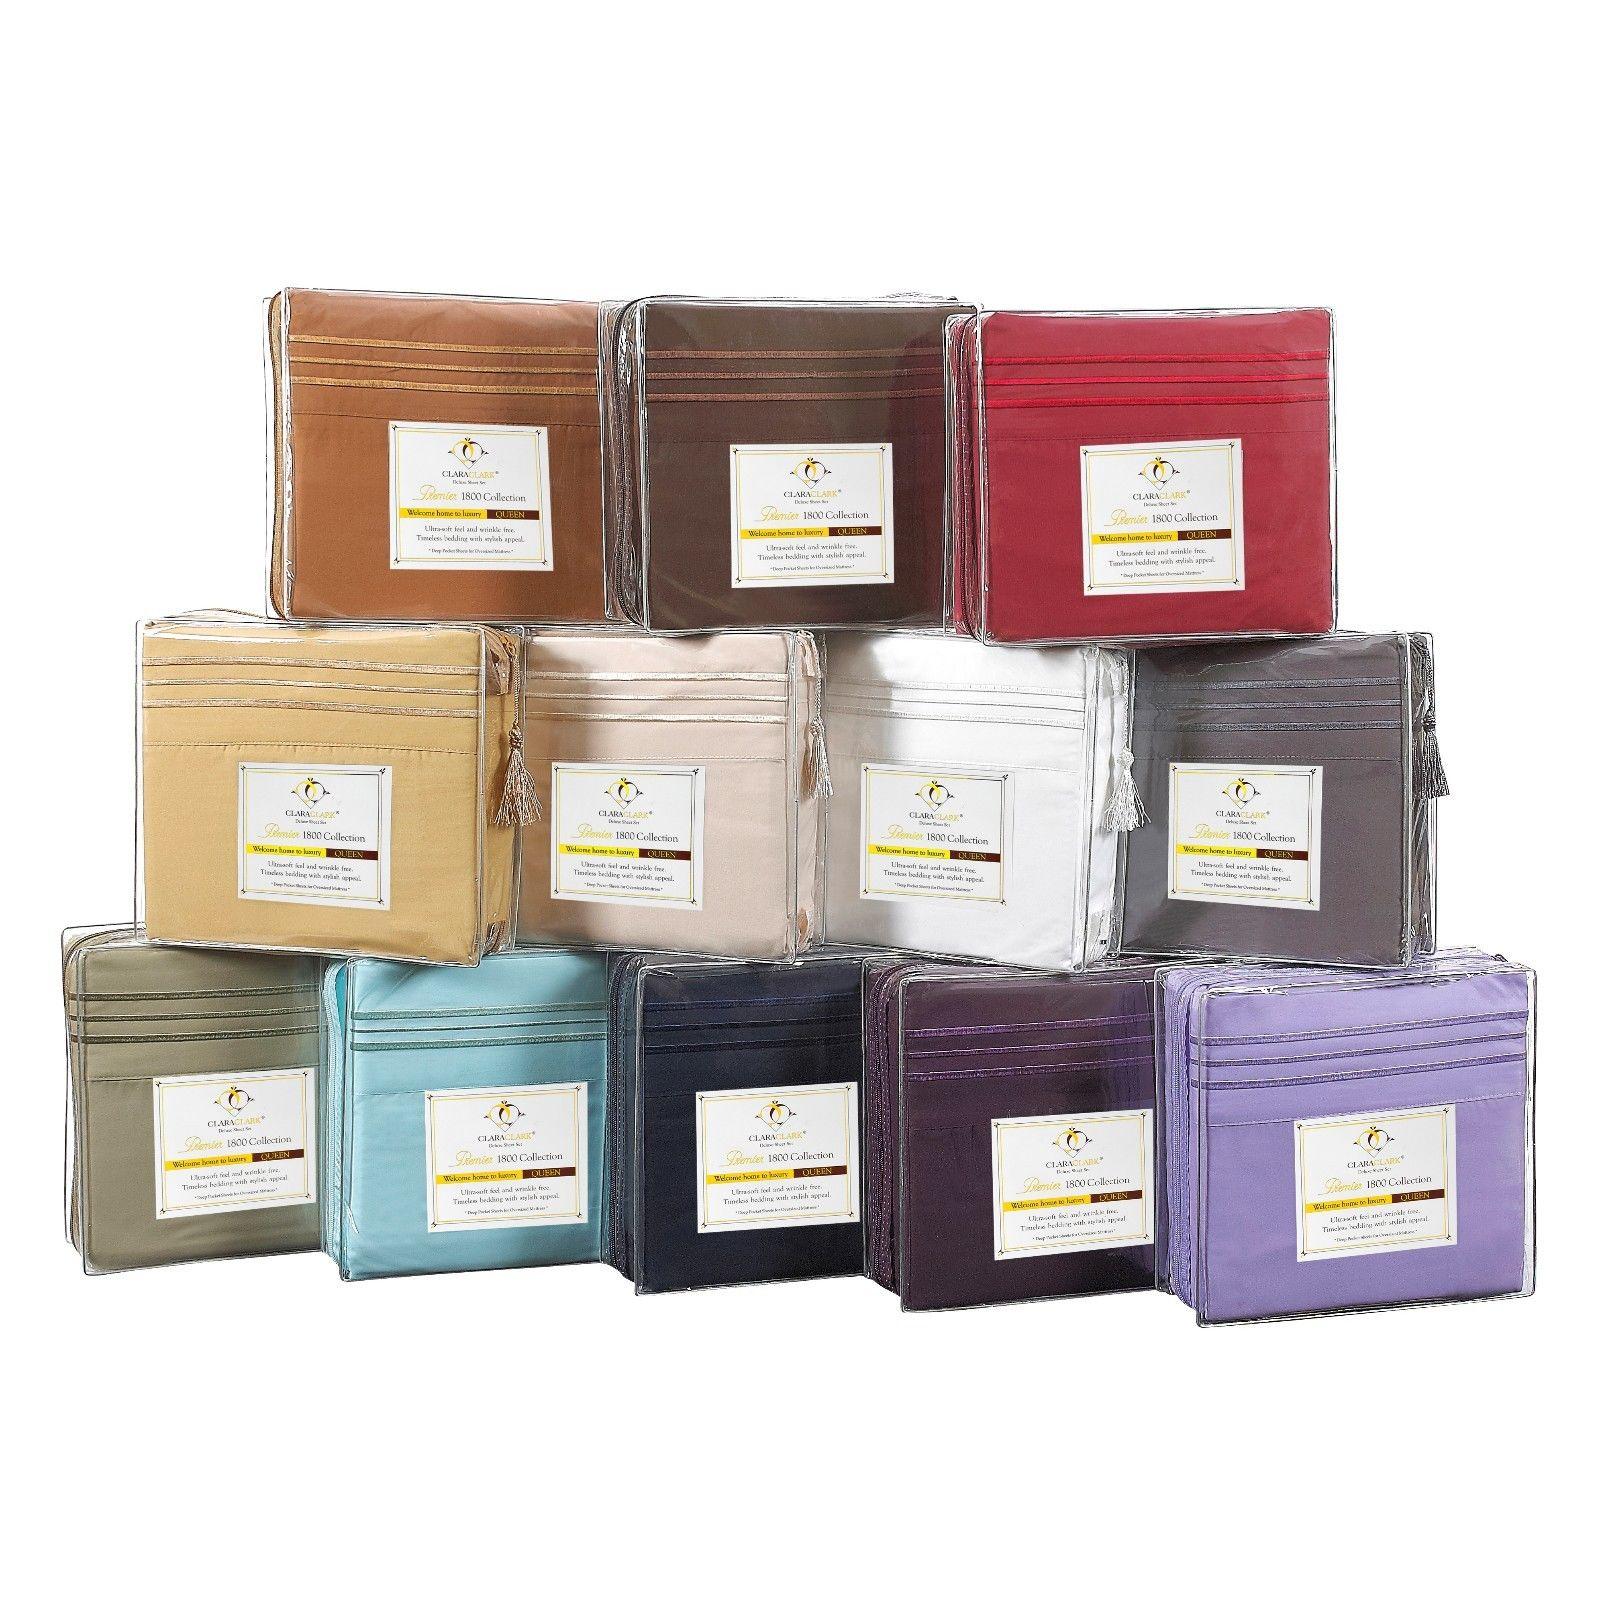 12 Pack Lot Of 12 Deep Pocket 4 Piece Bed Sheet Sets Smart Gift Idea Ebay